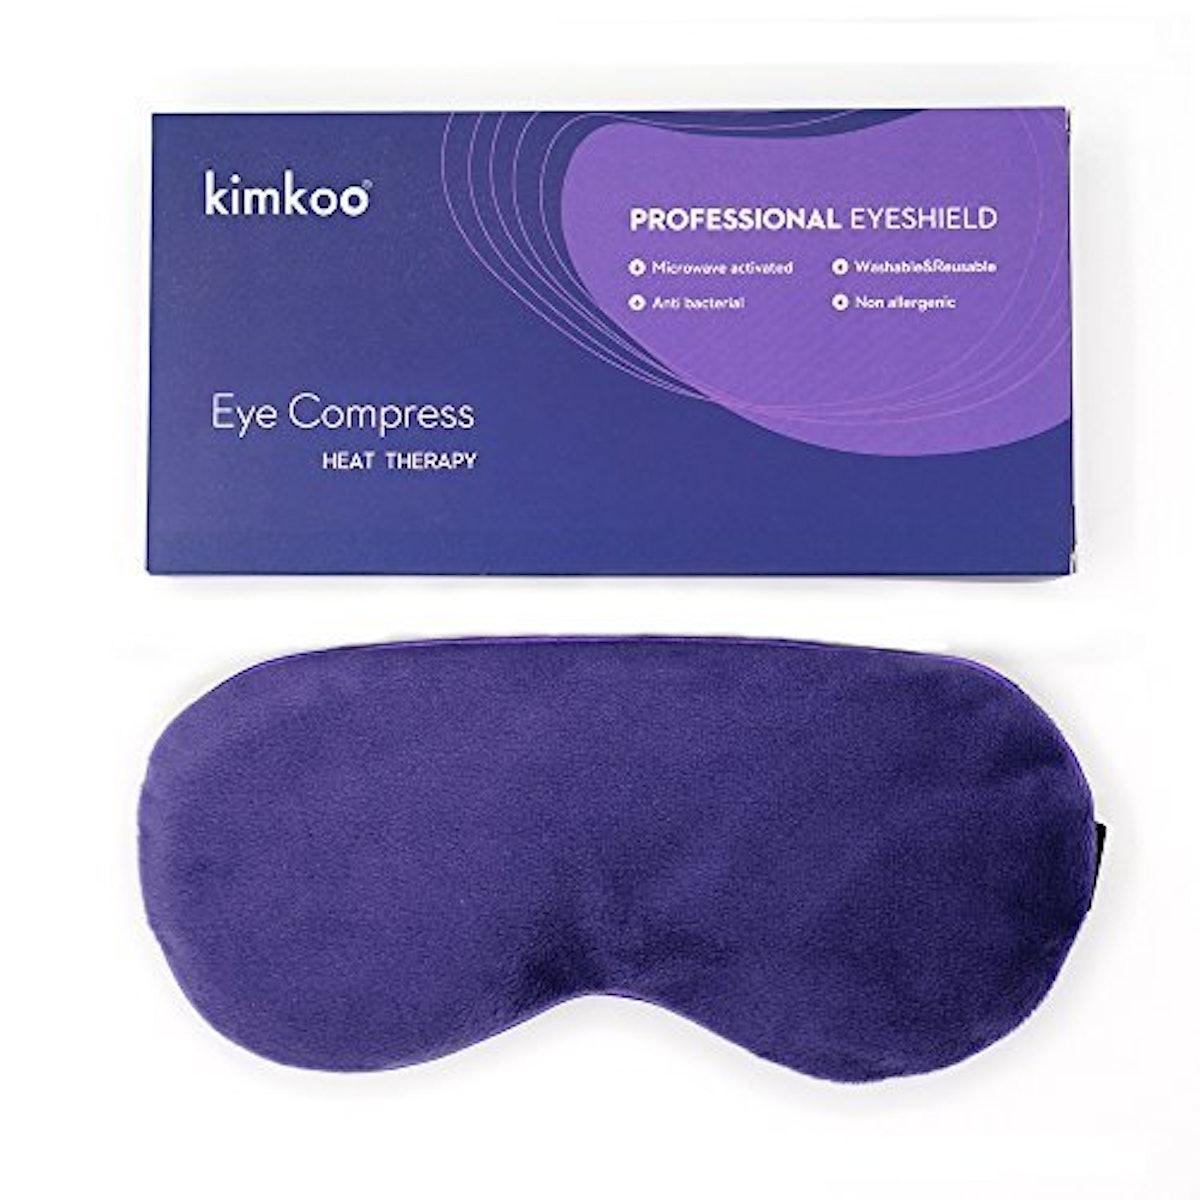 Kimkoo Eye Compress